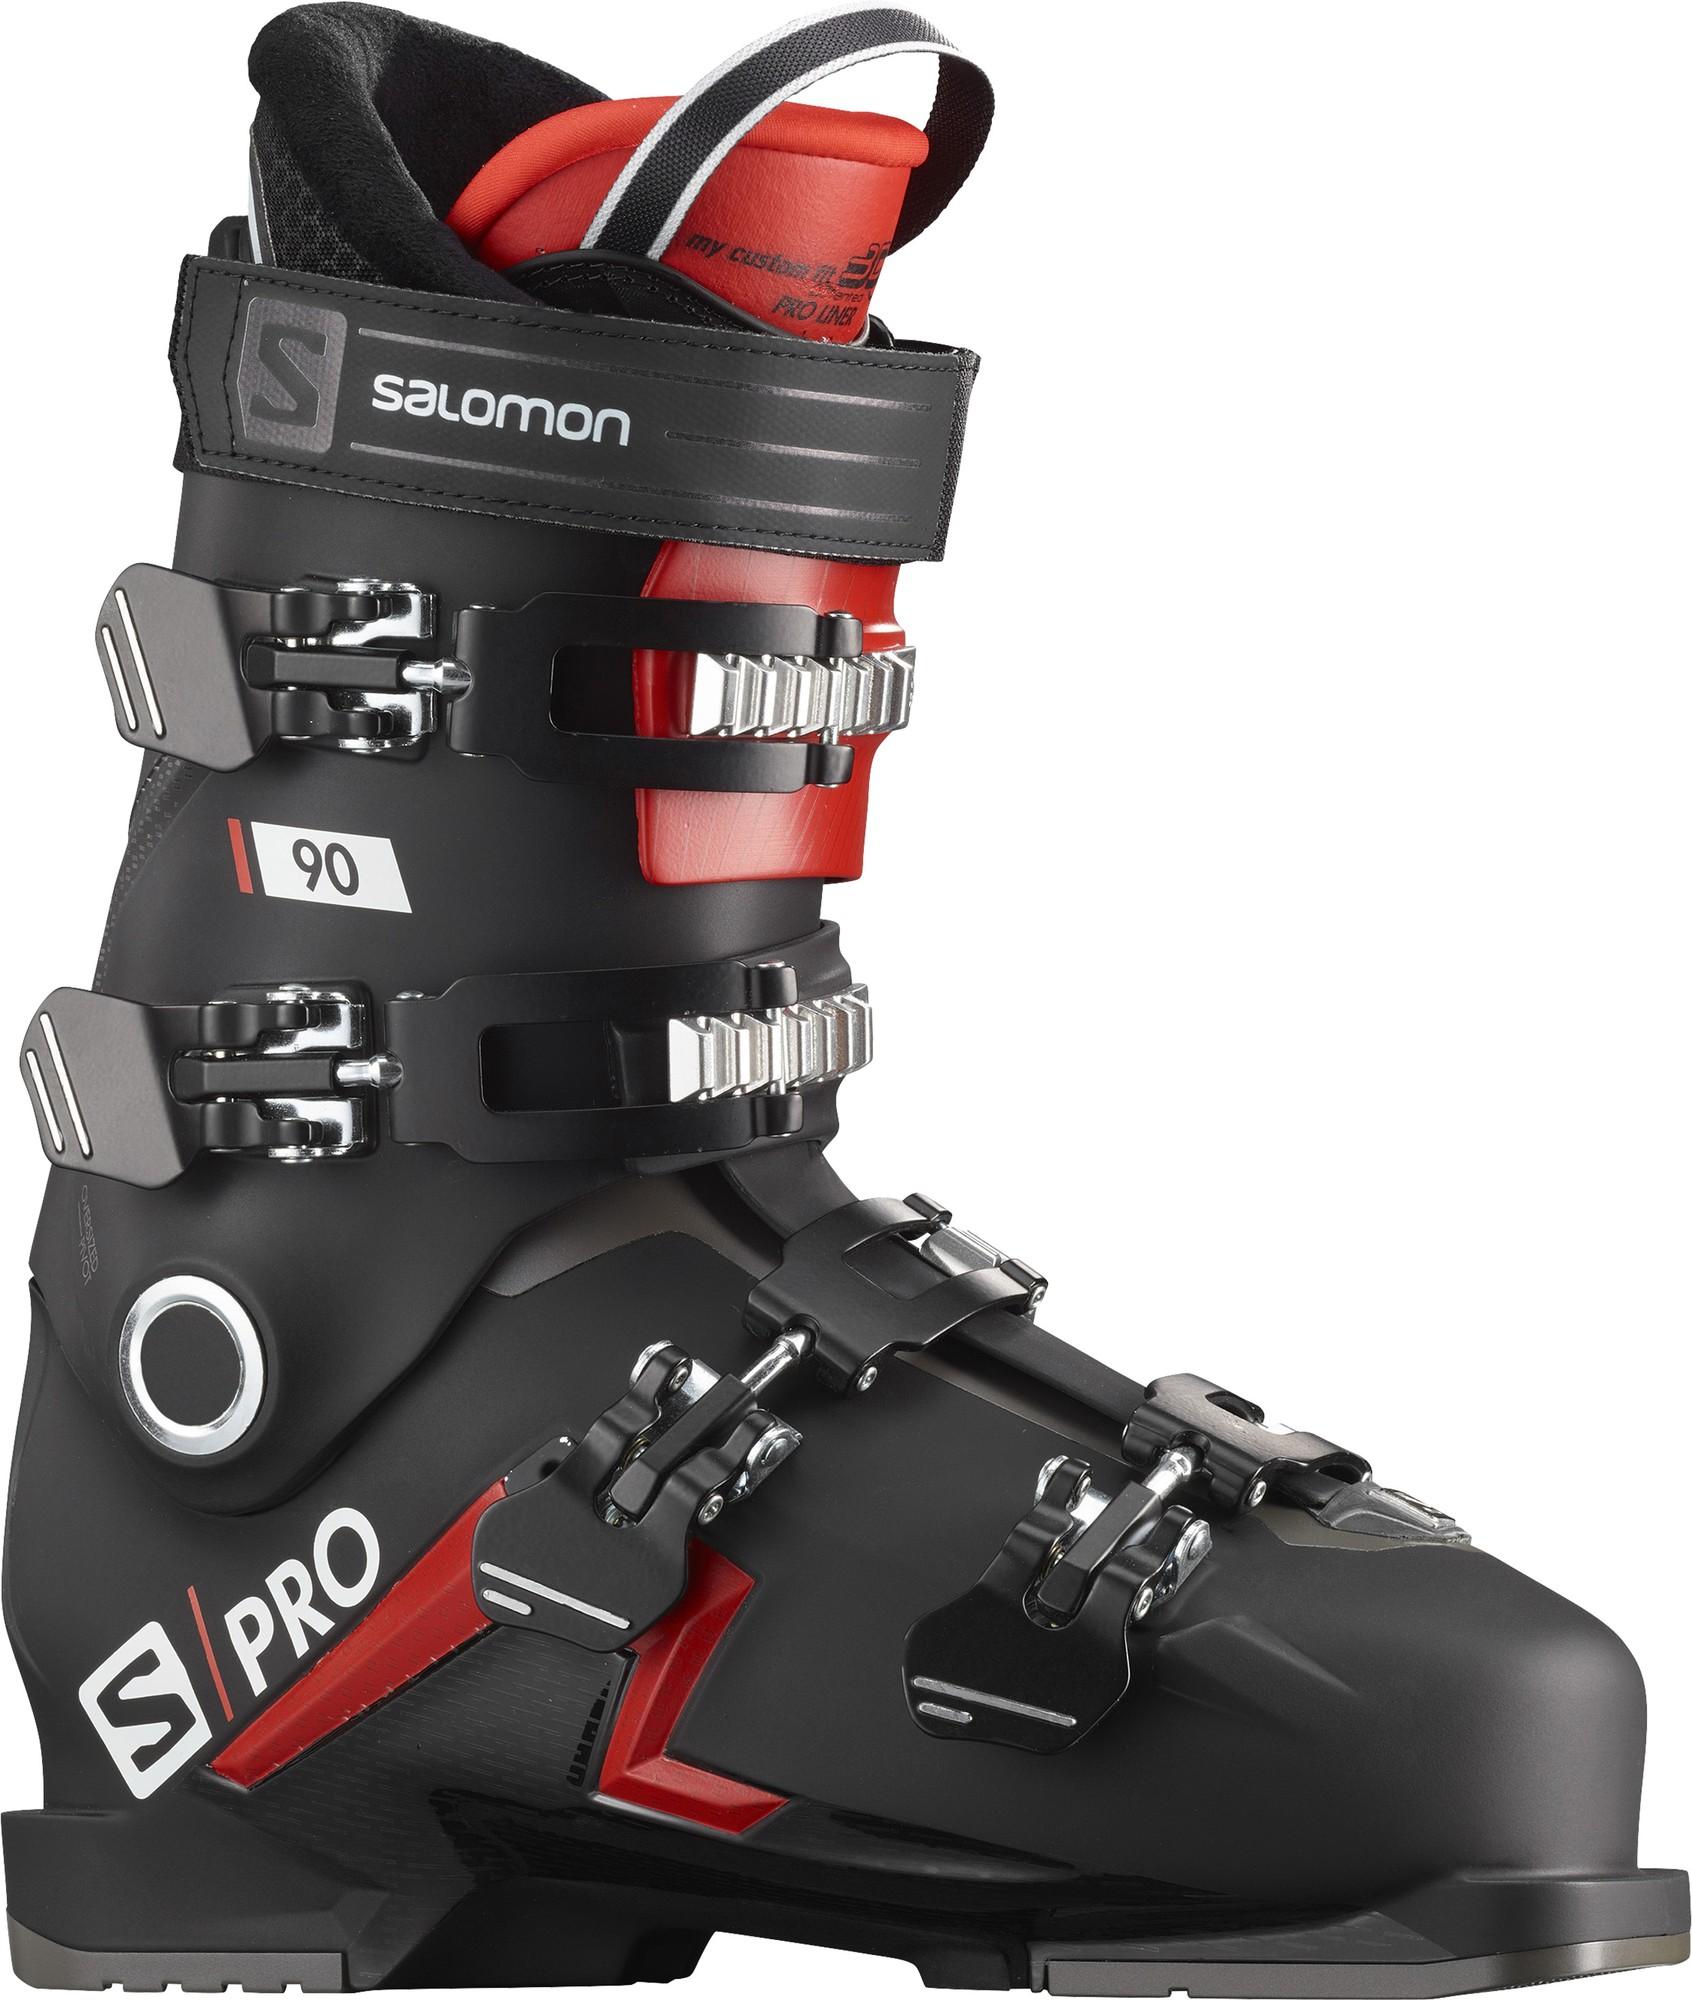 цена Salomon Ботинки горнолыжные Salomon S/PRO 90, размер 30 см онлайн в 2017 году